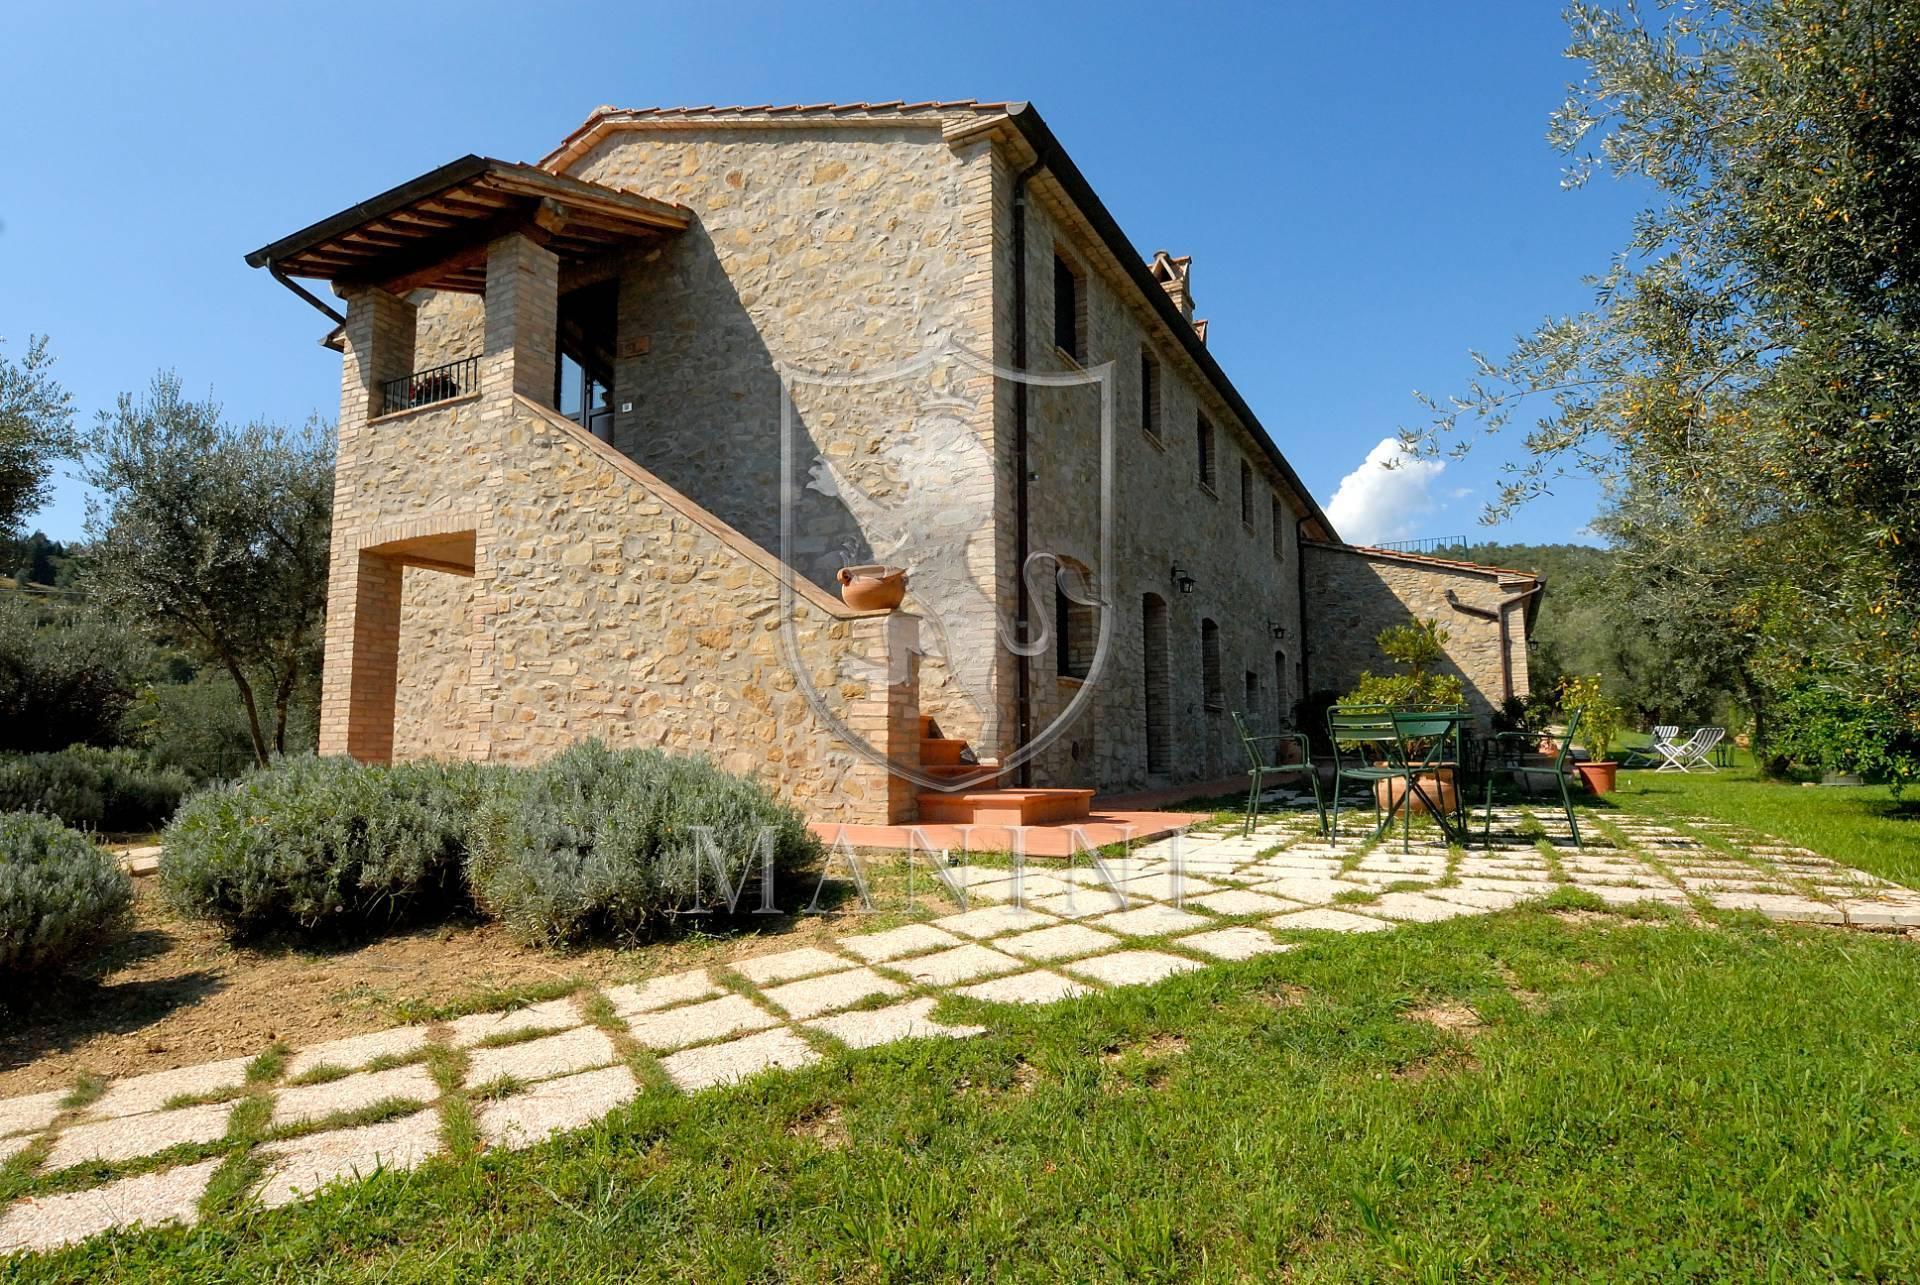 Albergo in vendita a Magione, 28 locali, zona Zona: Soccorso, prezzo € 670.000   CambioCasa.it